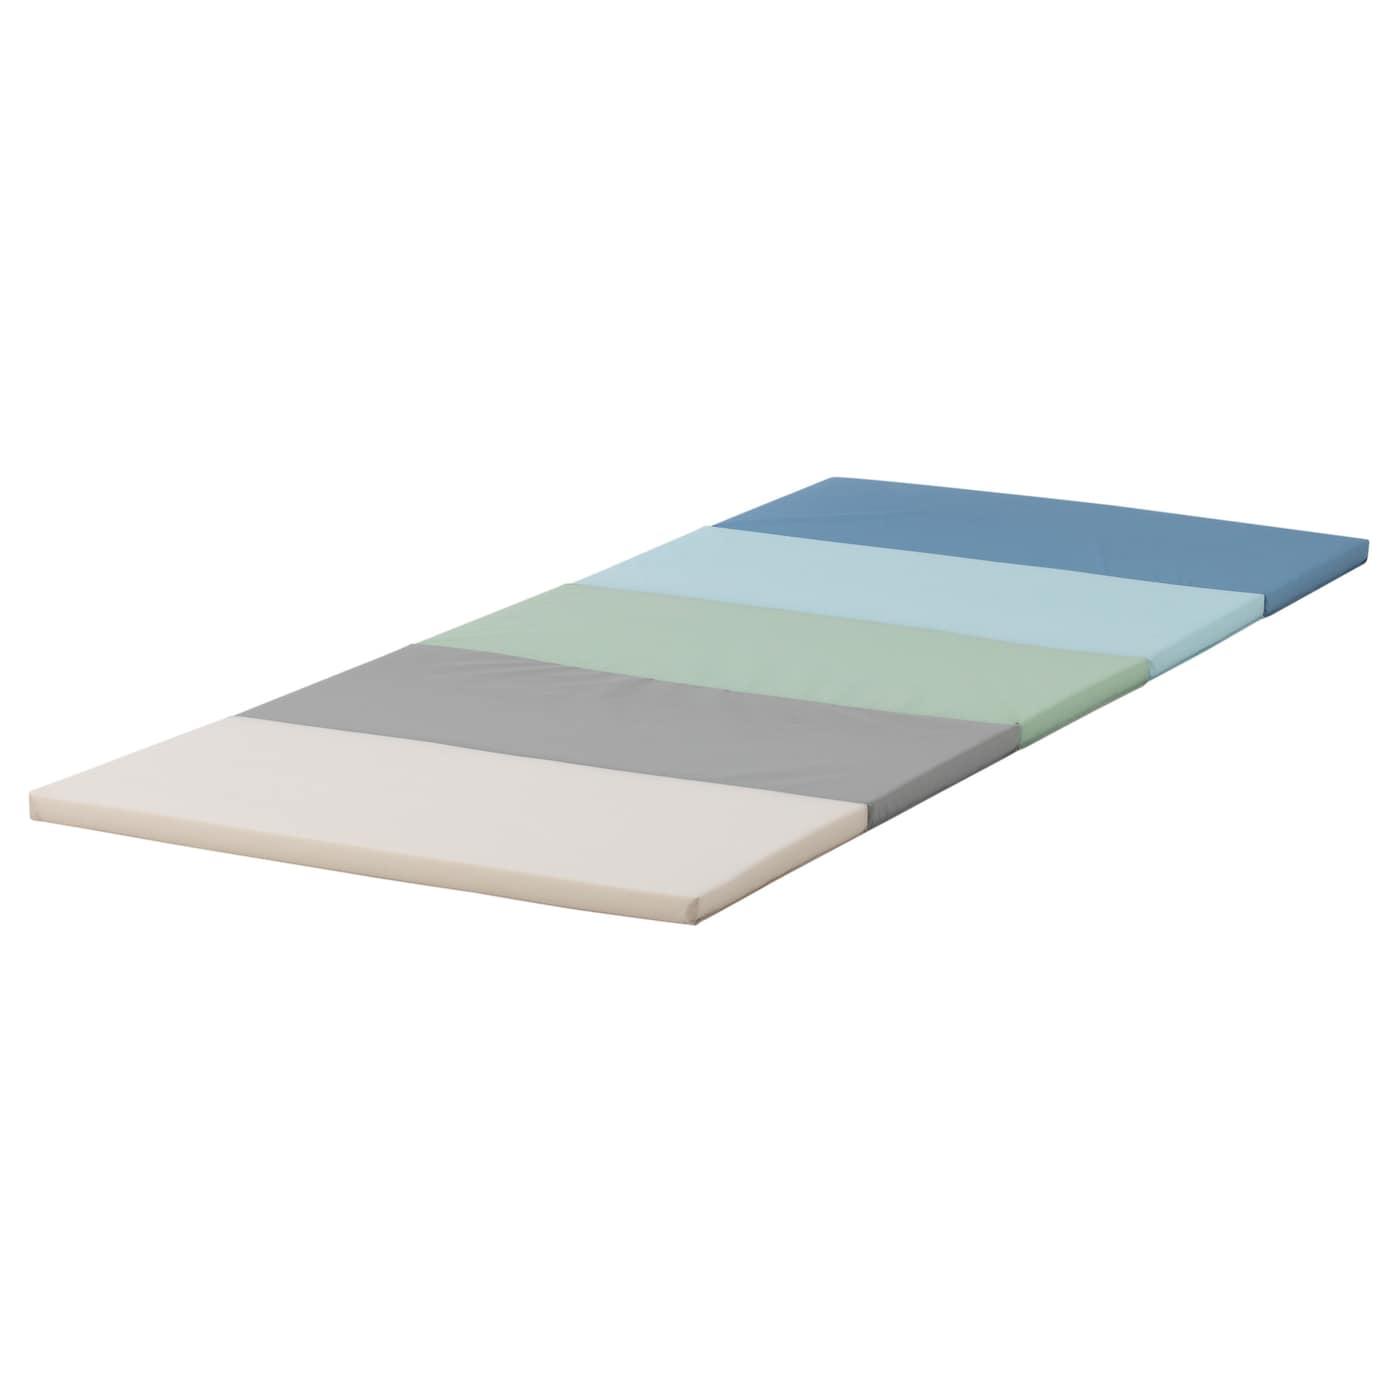 PLUFSIG Tapis de gymnastique pliant, bleu IKEA